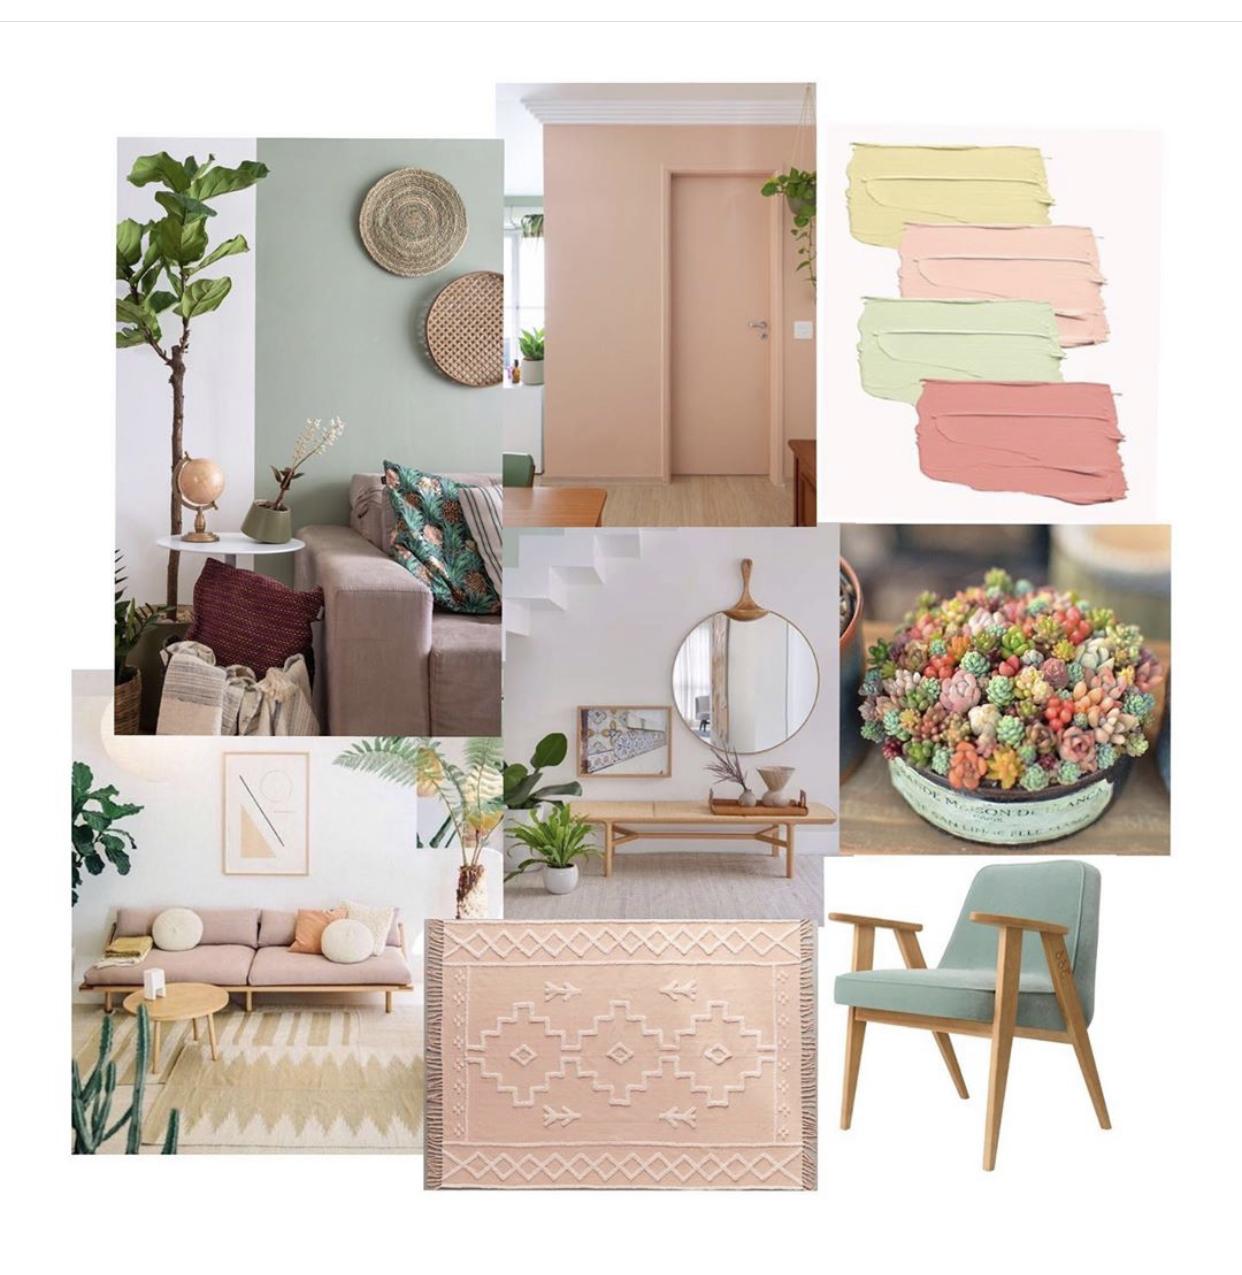 Definindo um estilo de decoração através dos Moodboards